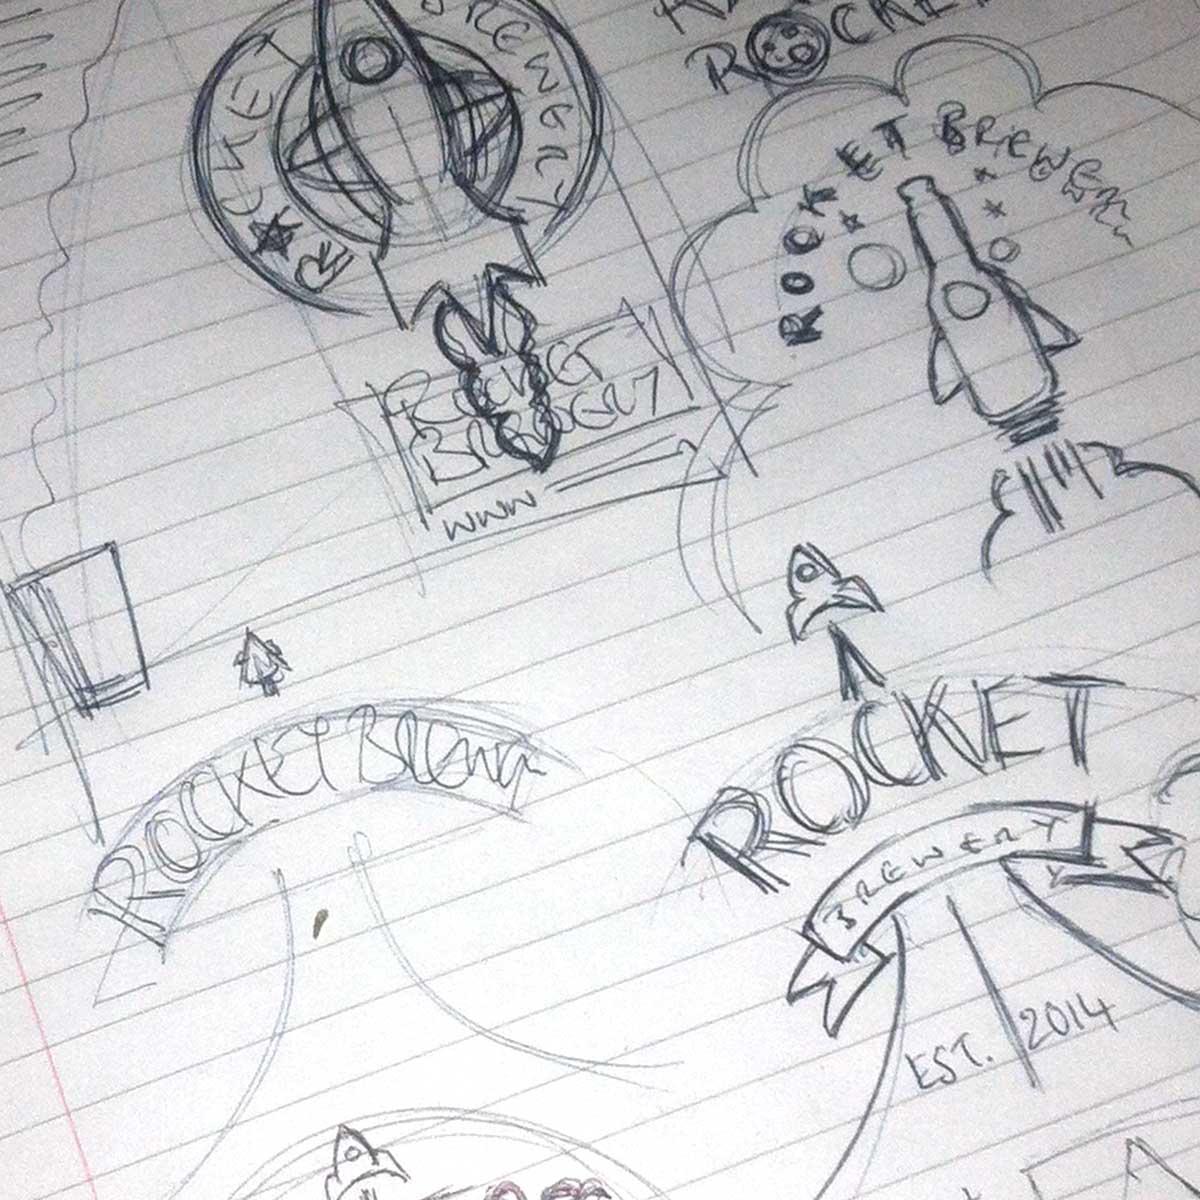 Rocket Beers - Sketches